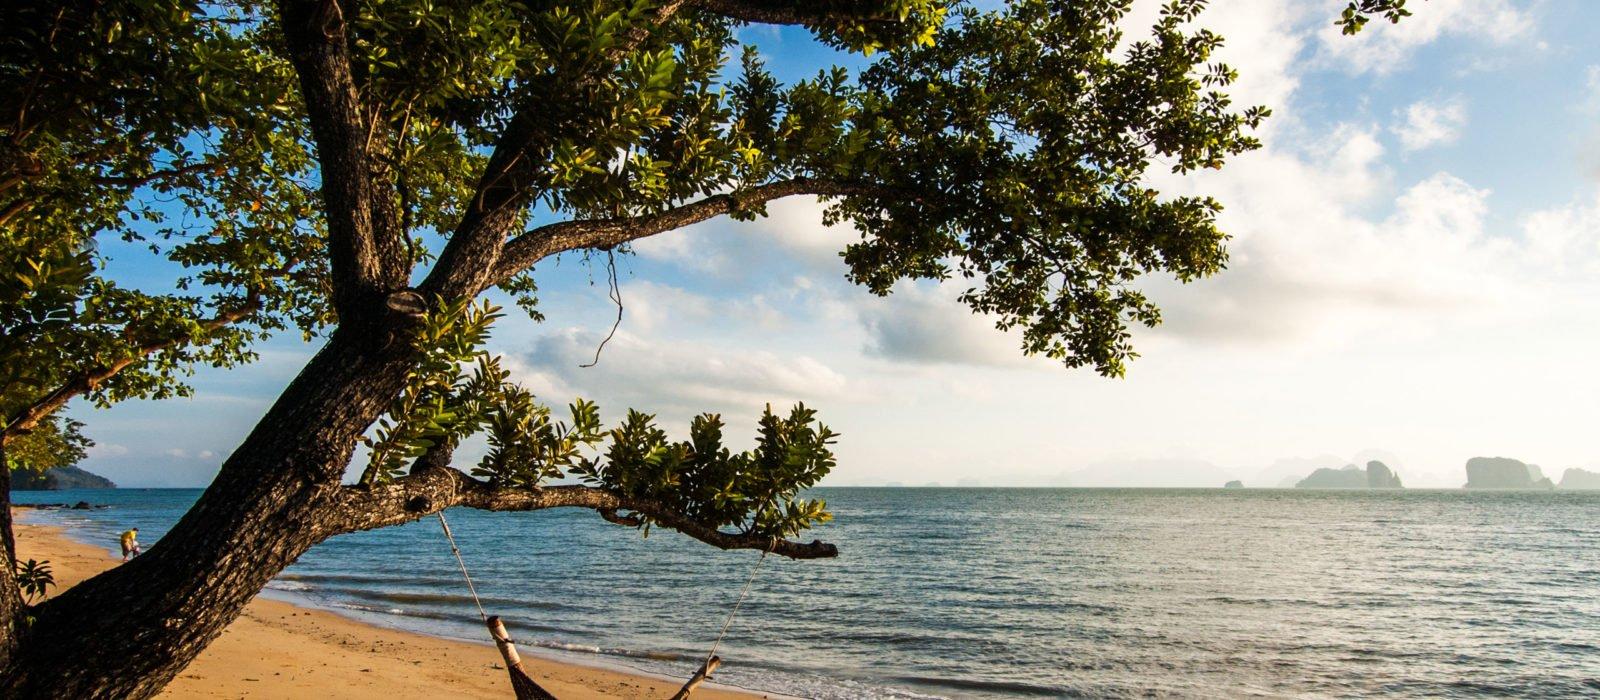 hammock-beach-koh-yao-noi-thailand